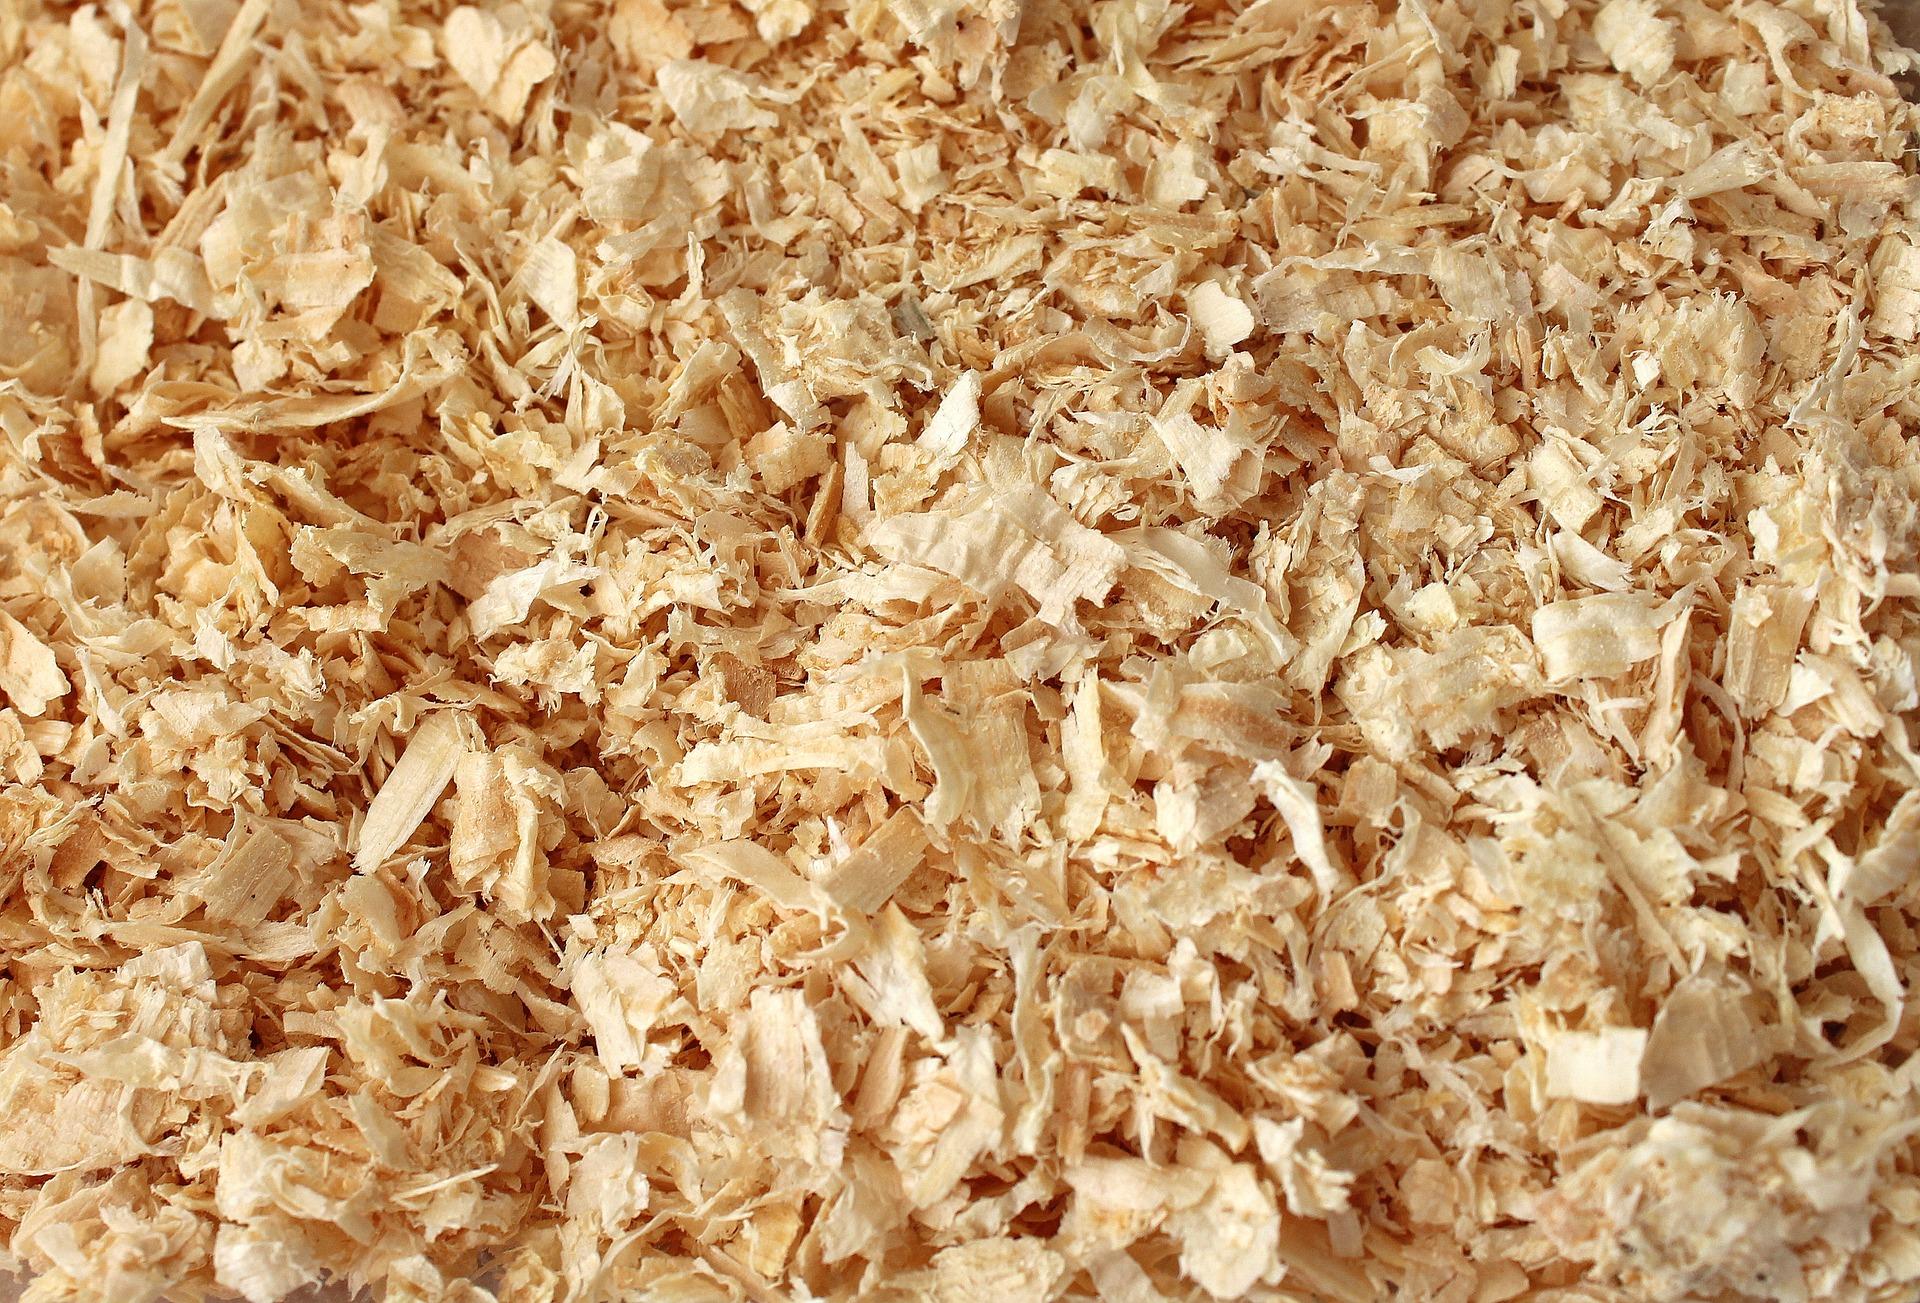 sawdust-3170434_1920